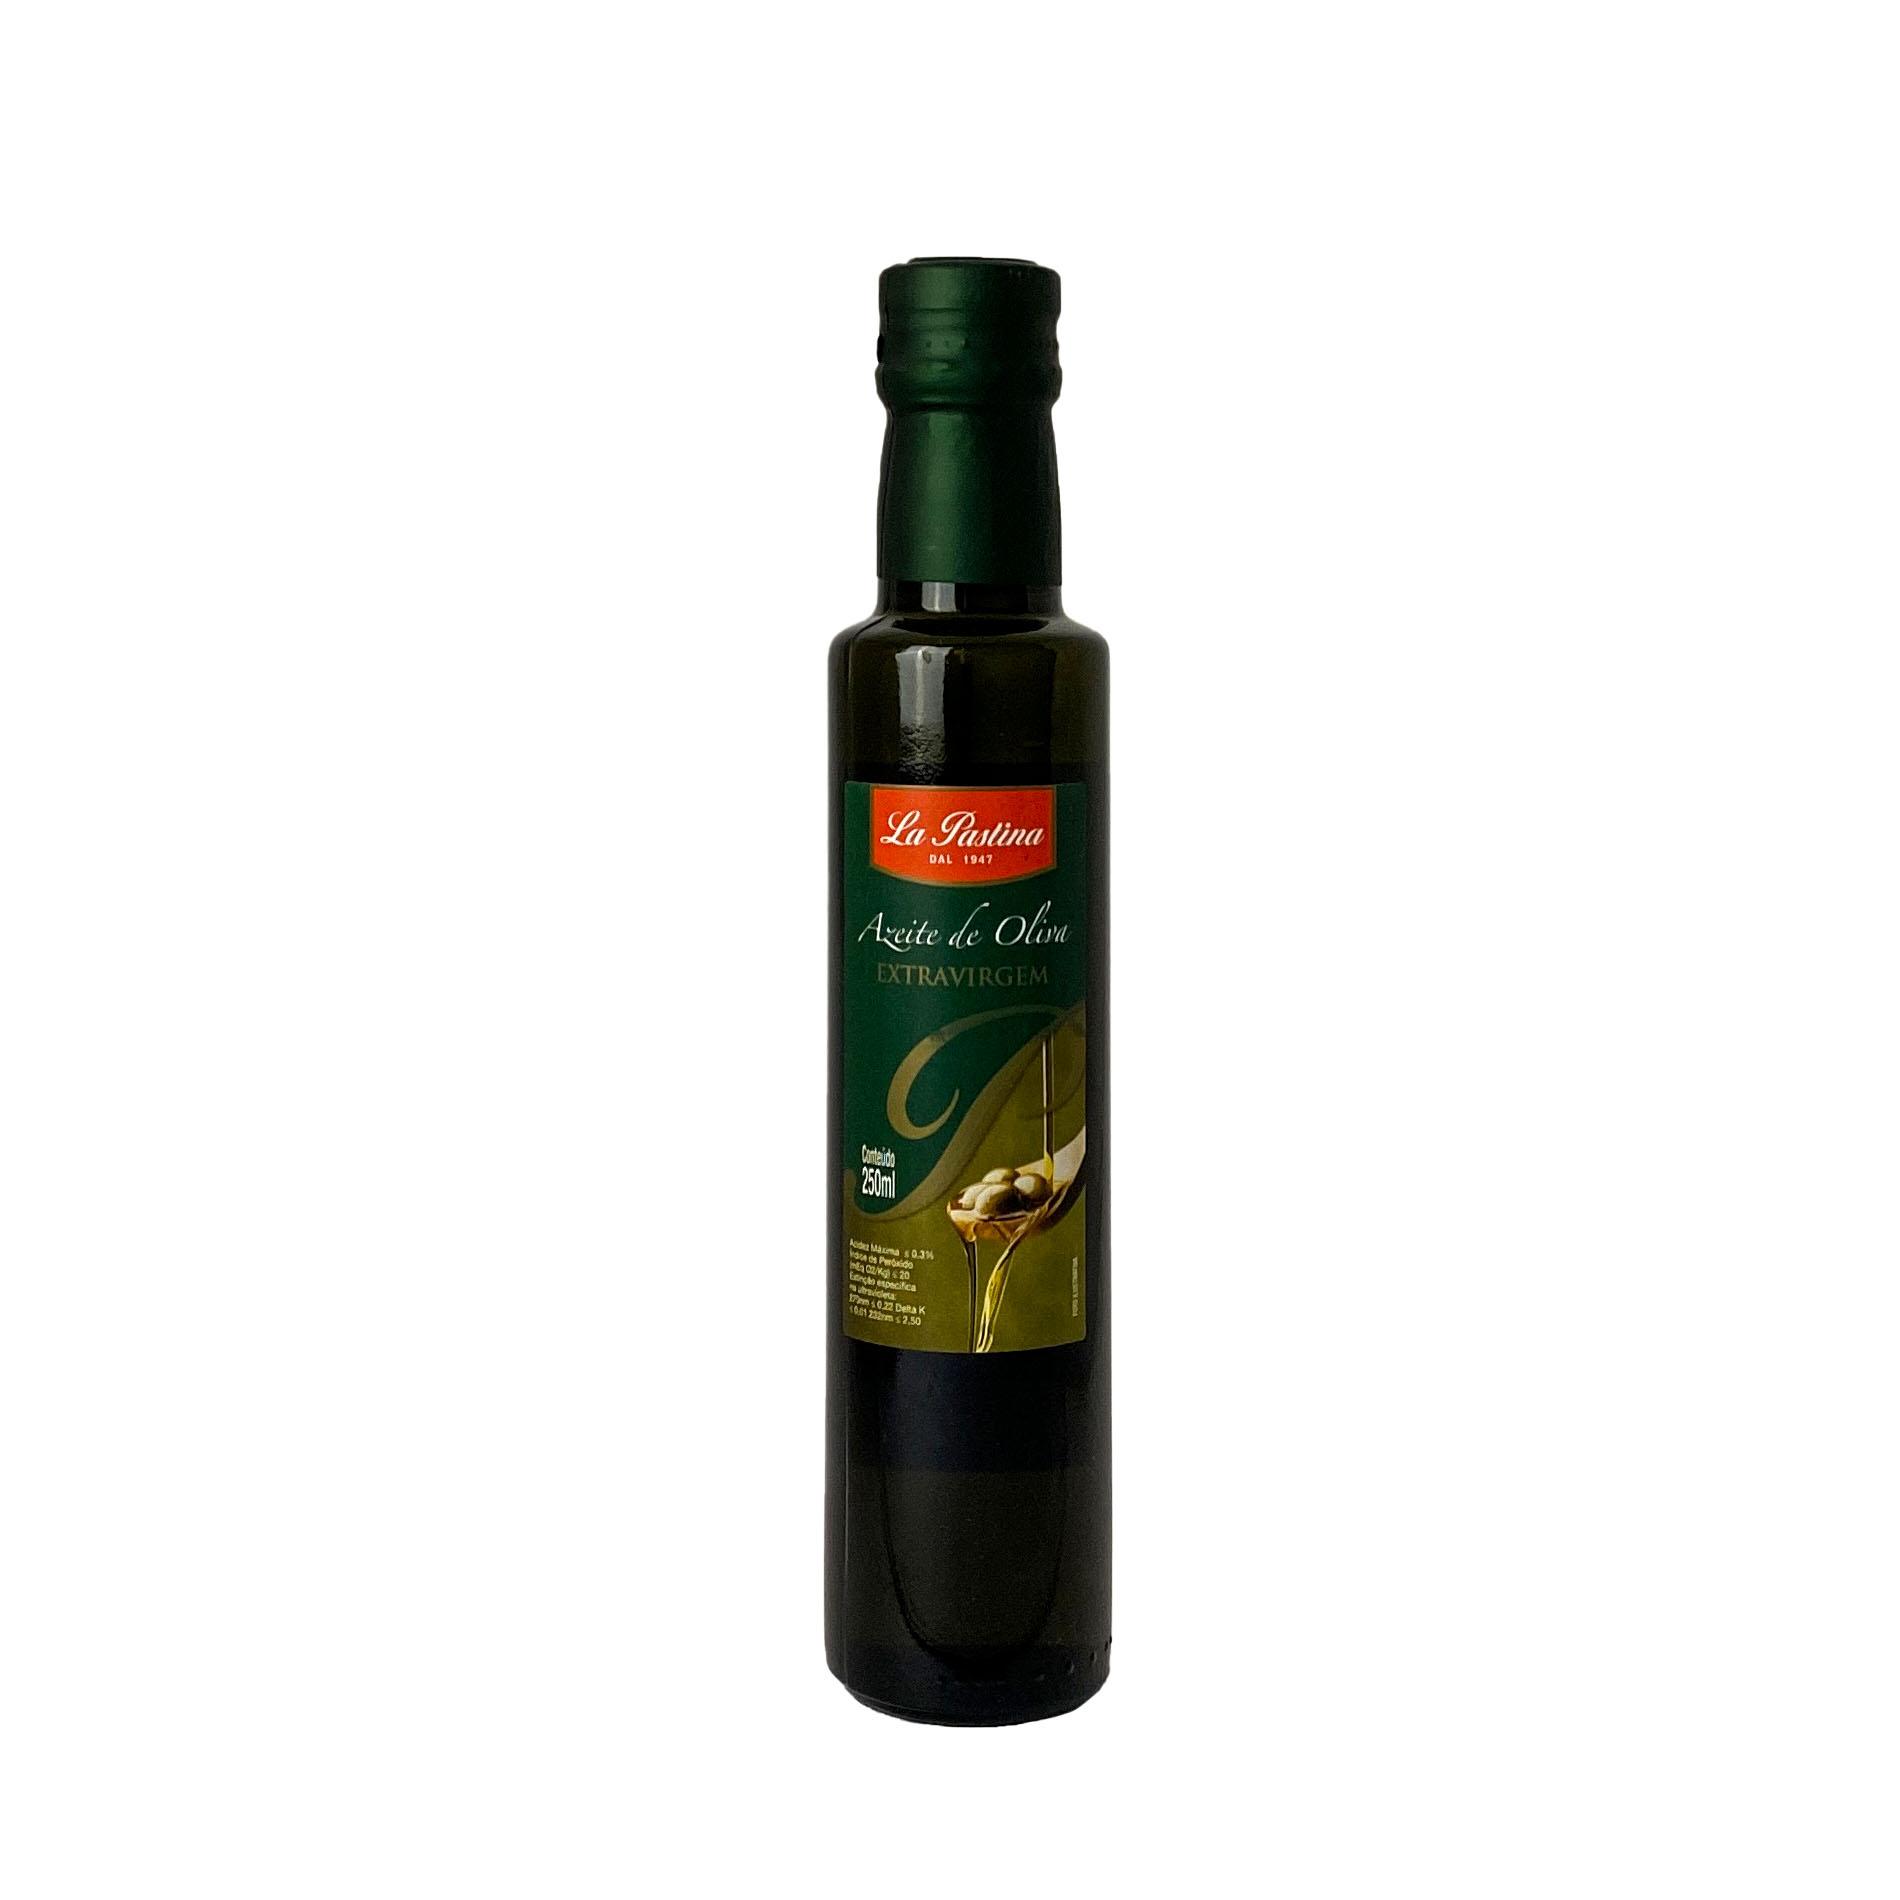 Azeite Extra Virgem La Pastina  - Vinerize